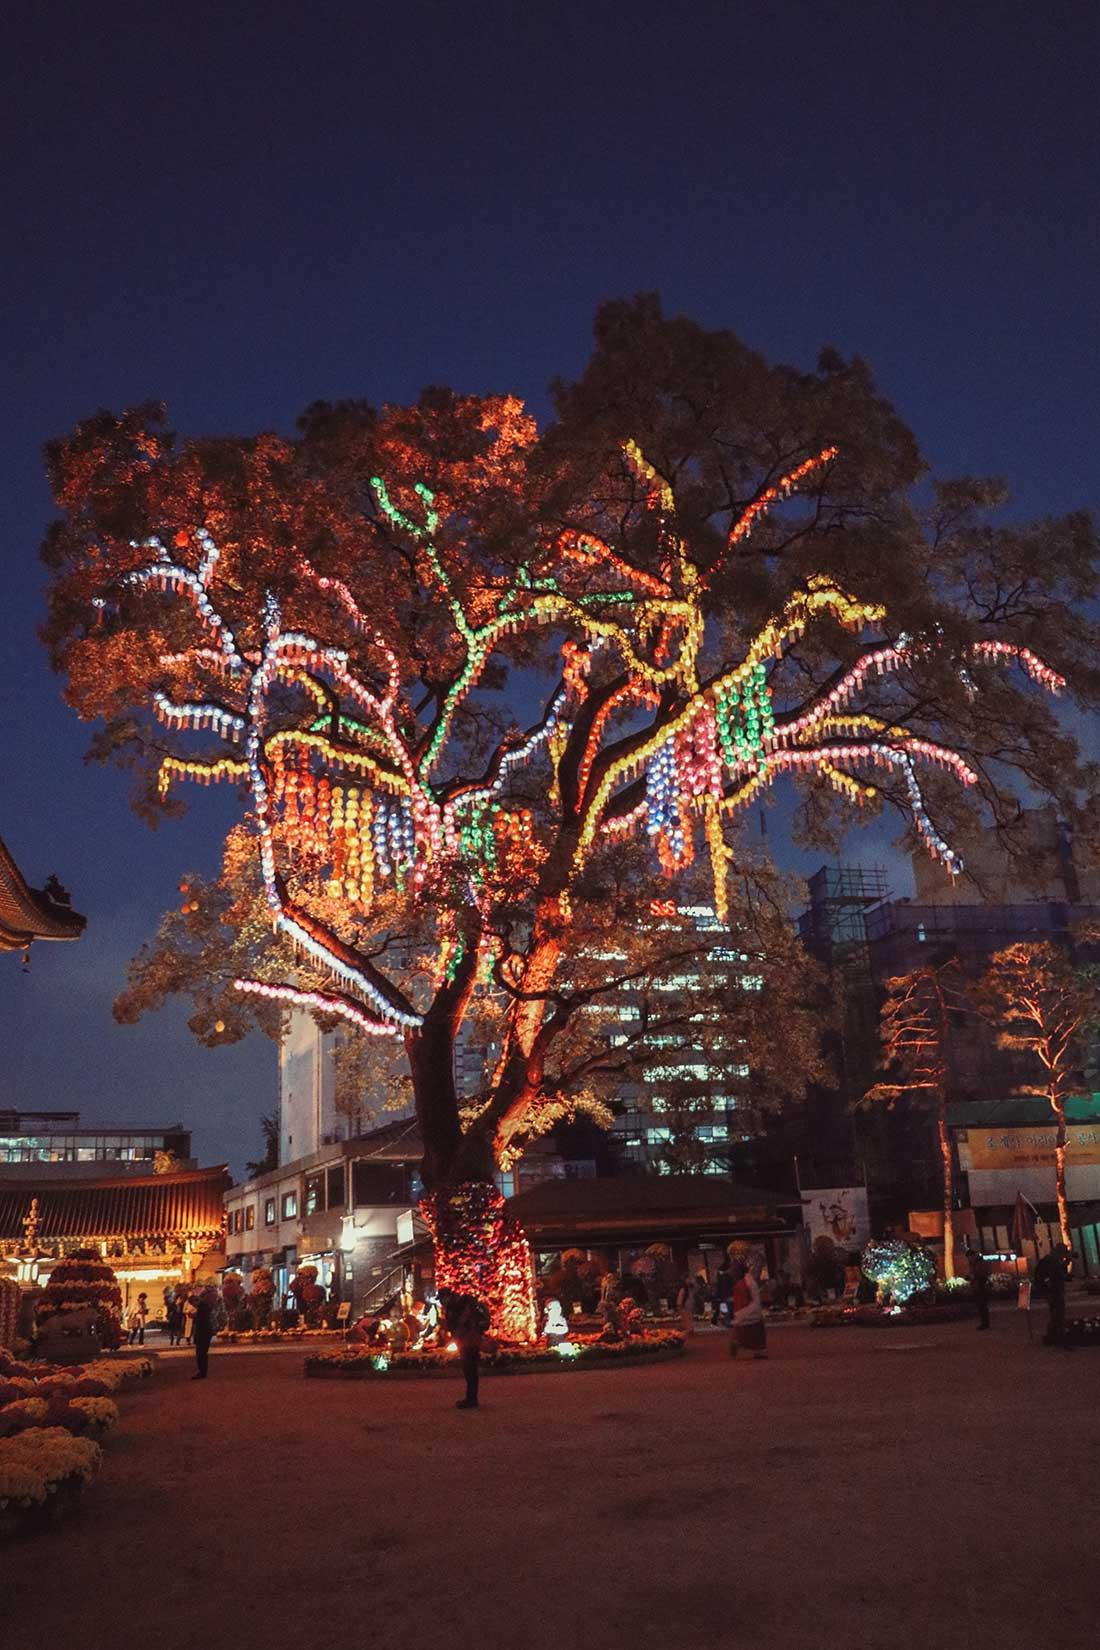 Der 24 Meter hohe Schnurbaum in der Mitte der Tempelanlage